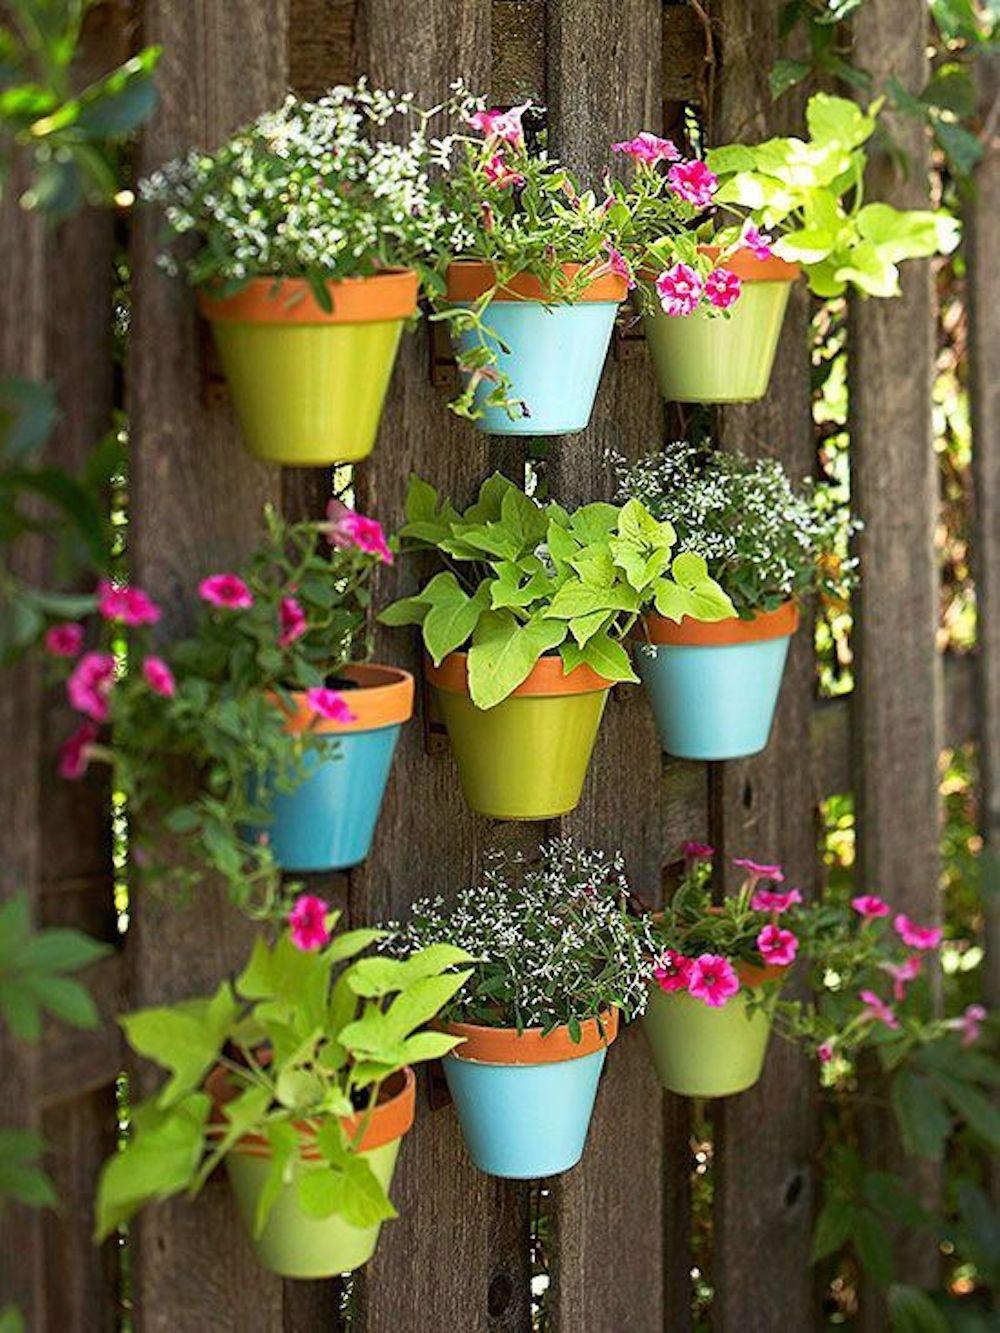 De petits pots en plastique avec des fleurs décoreront la clôture à la campagne